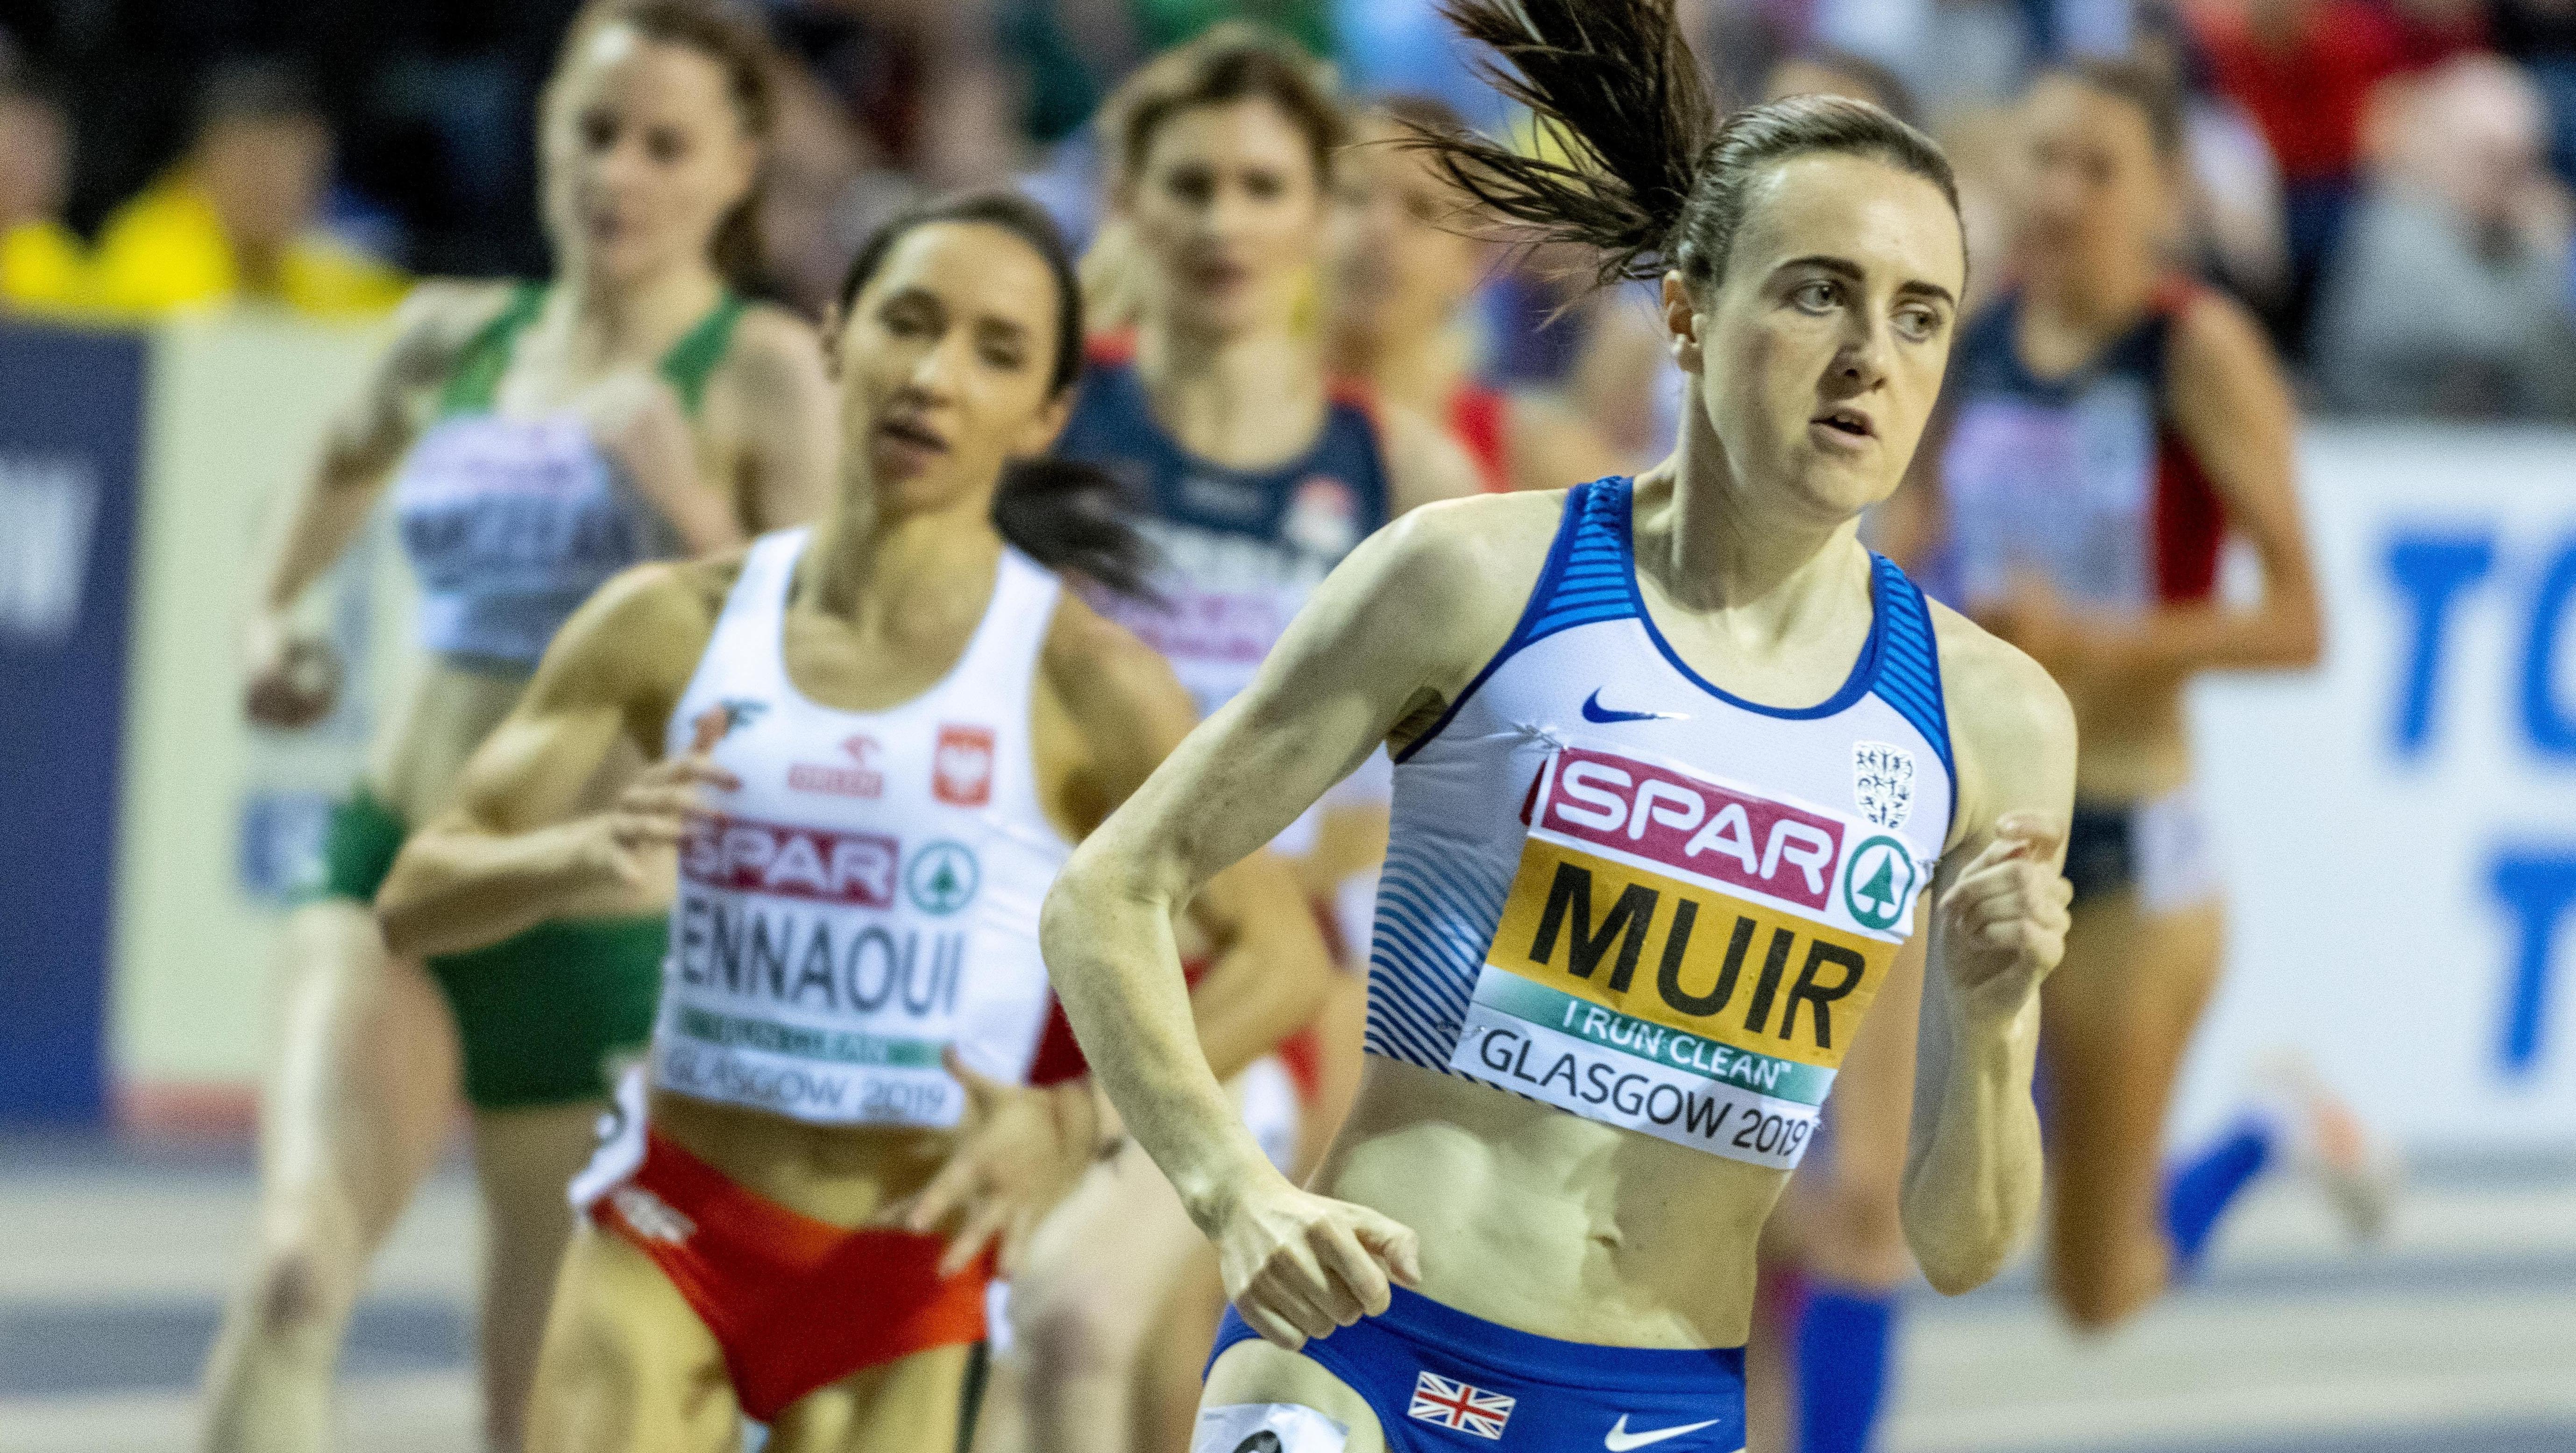 Wettlauf der Frauen bei den European Athletics Indoor Championships in Glasgow